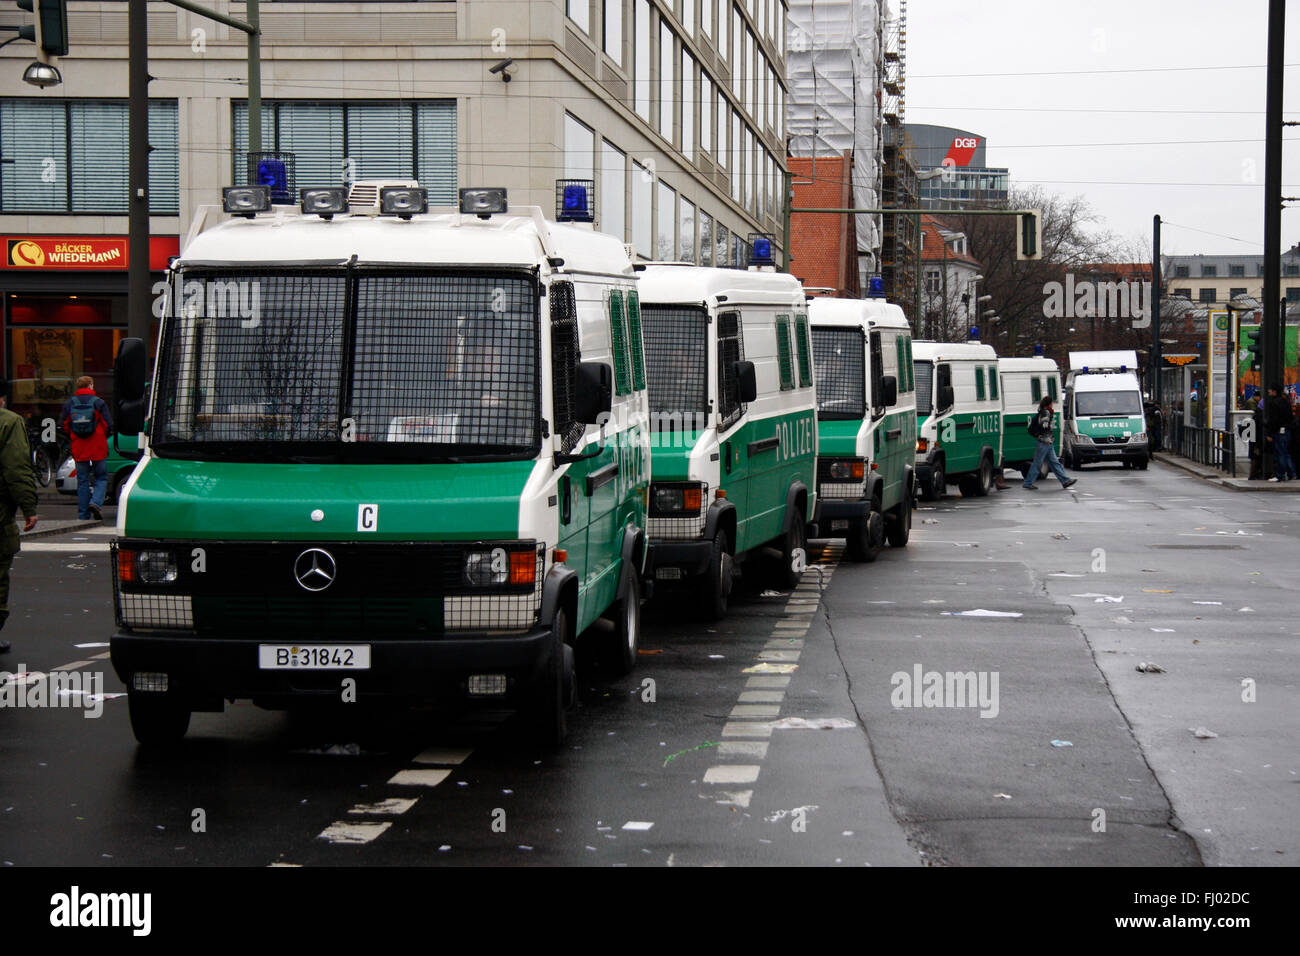 Polizeiwagen - Impressionen von der Demonstration 'Wir zahlen nicht fuer Eure Krise', 28. Maerz 2009, Berlin - Stock Image